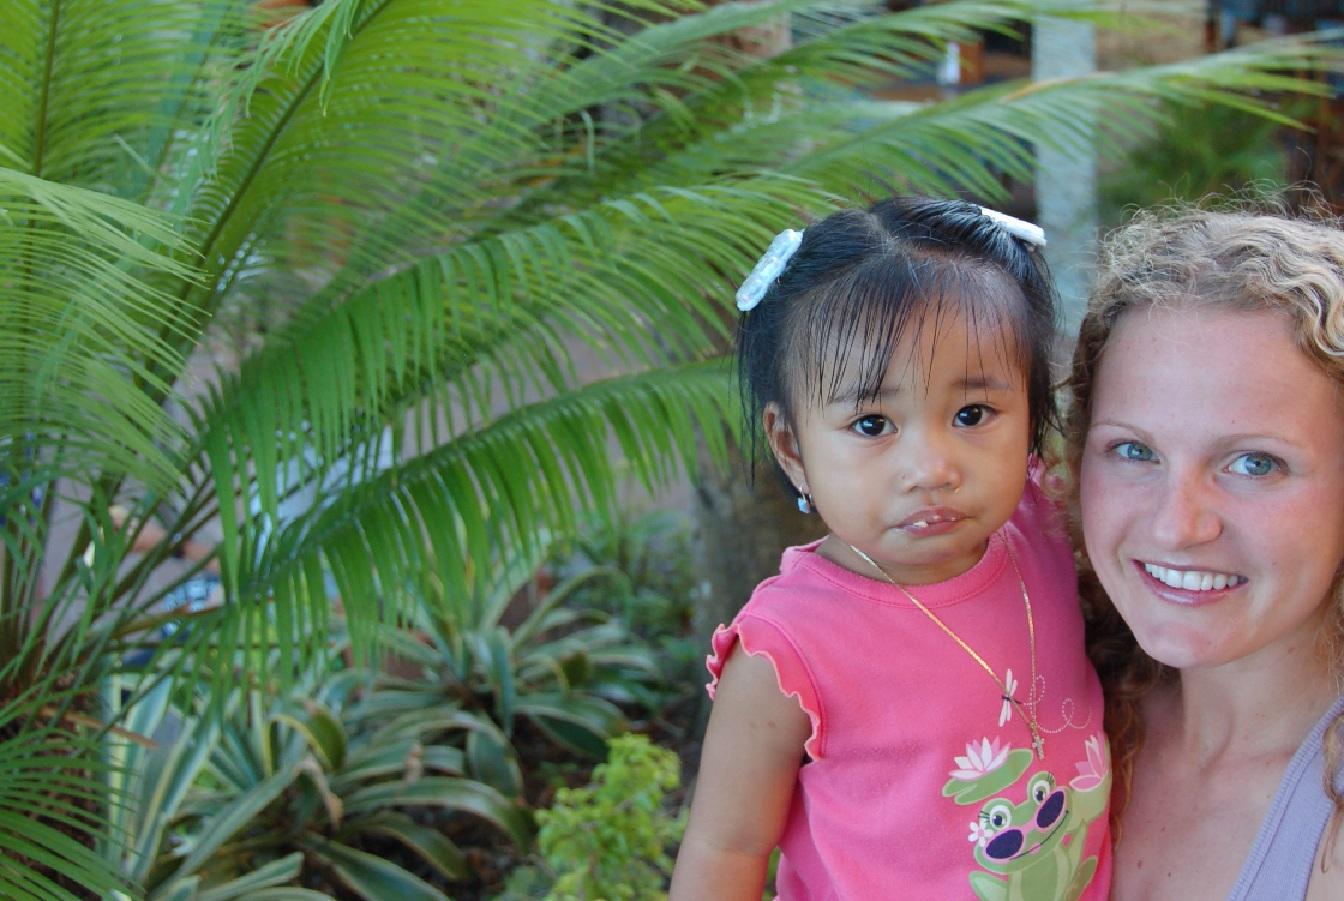 Una niña filipina, con su madre adoptiva. Imagen: Dylan Walters. Fuente: Flickr.